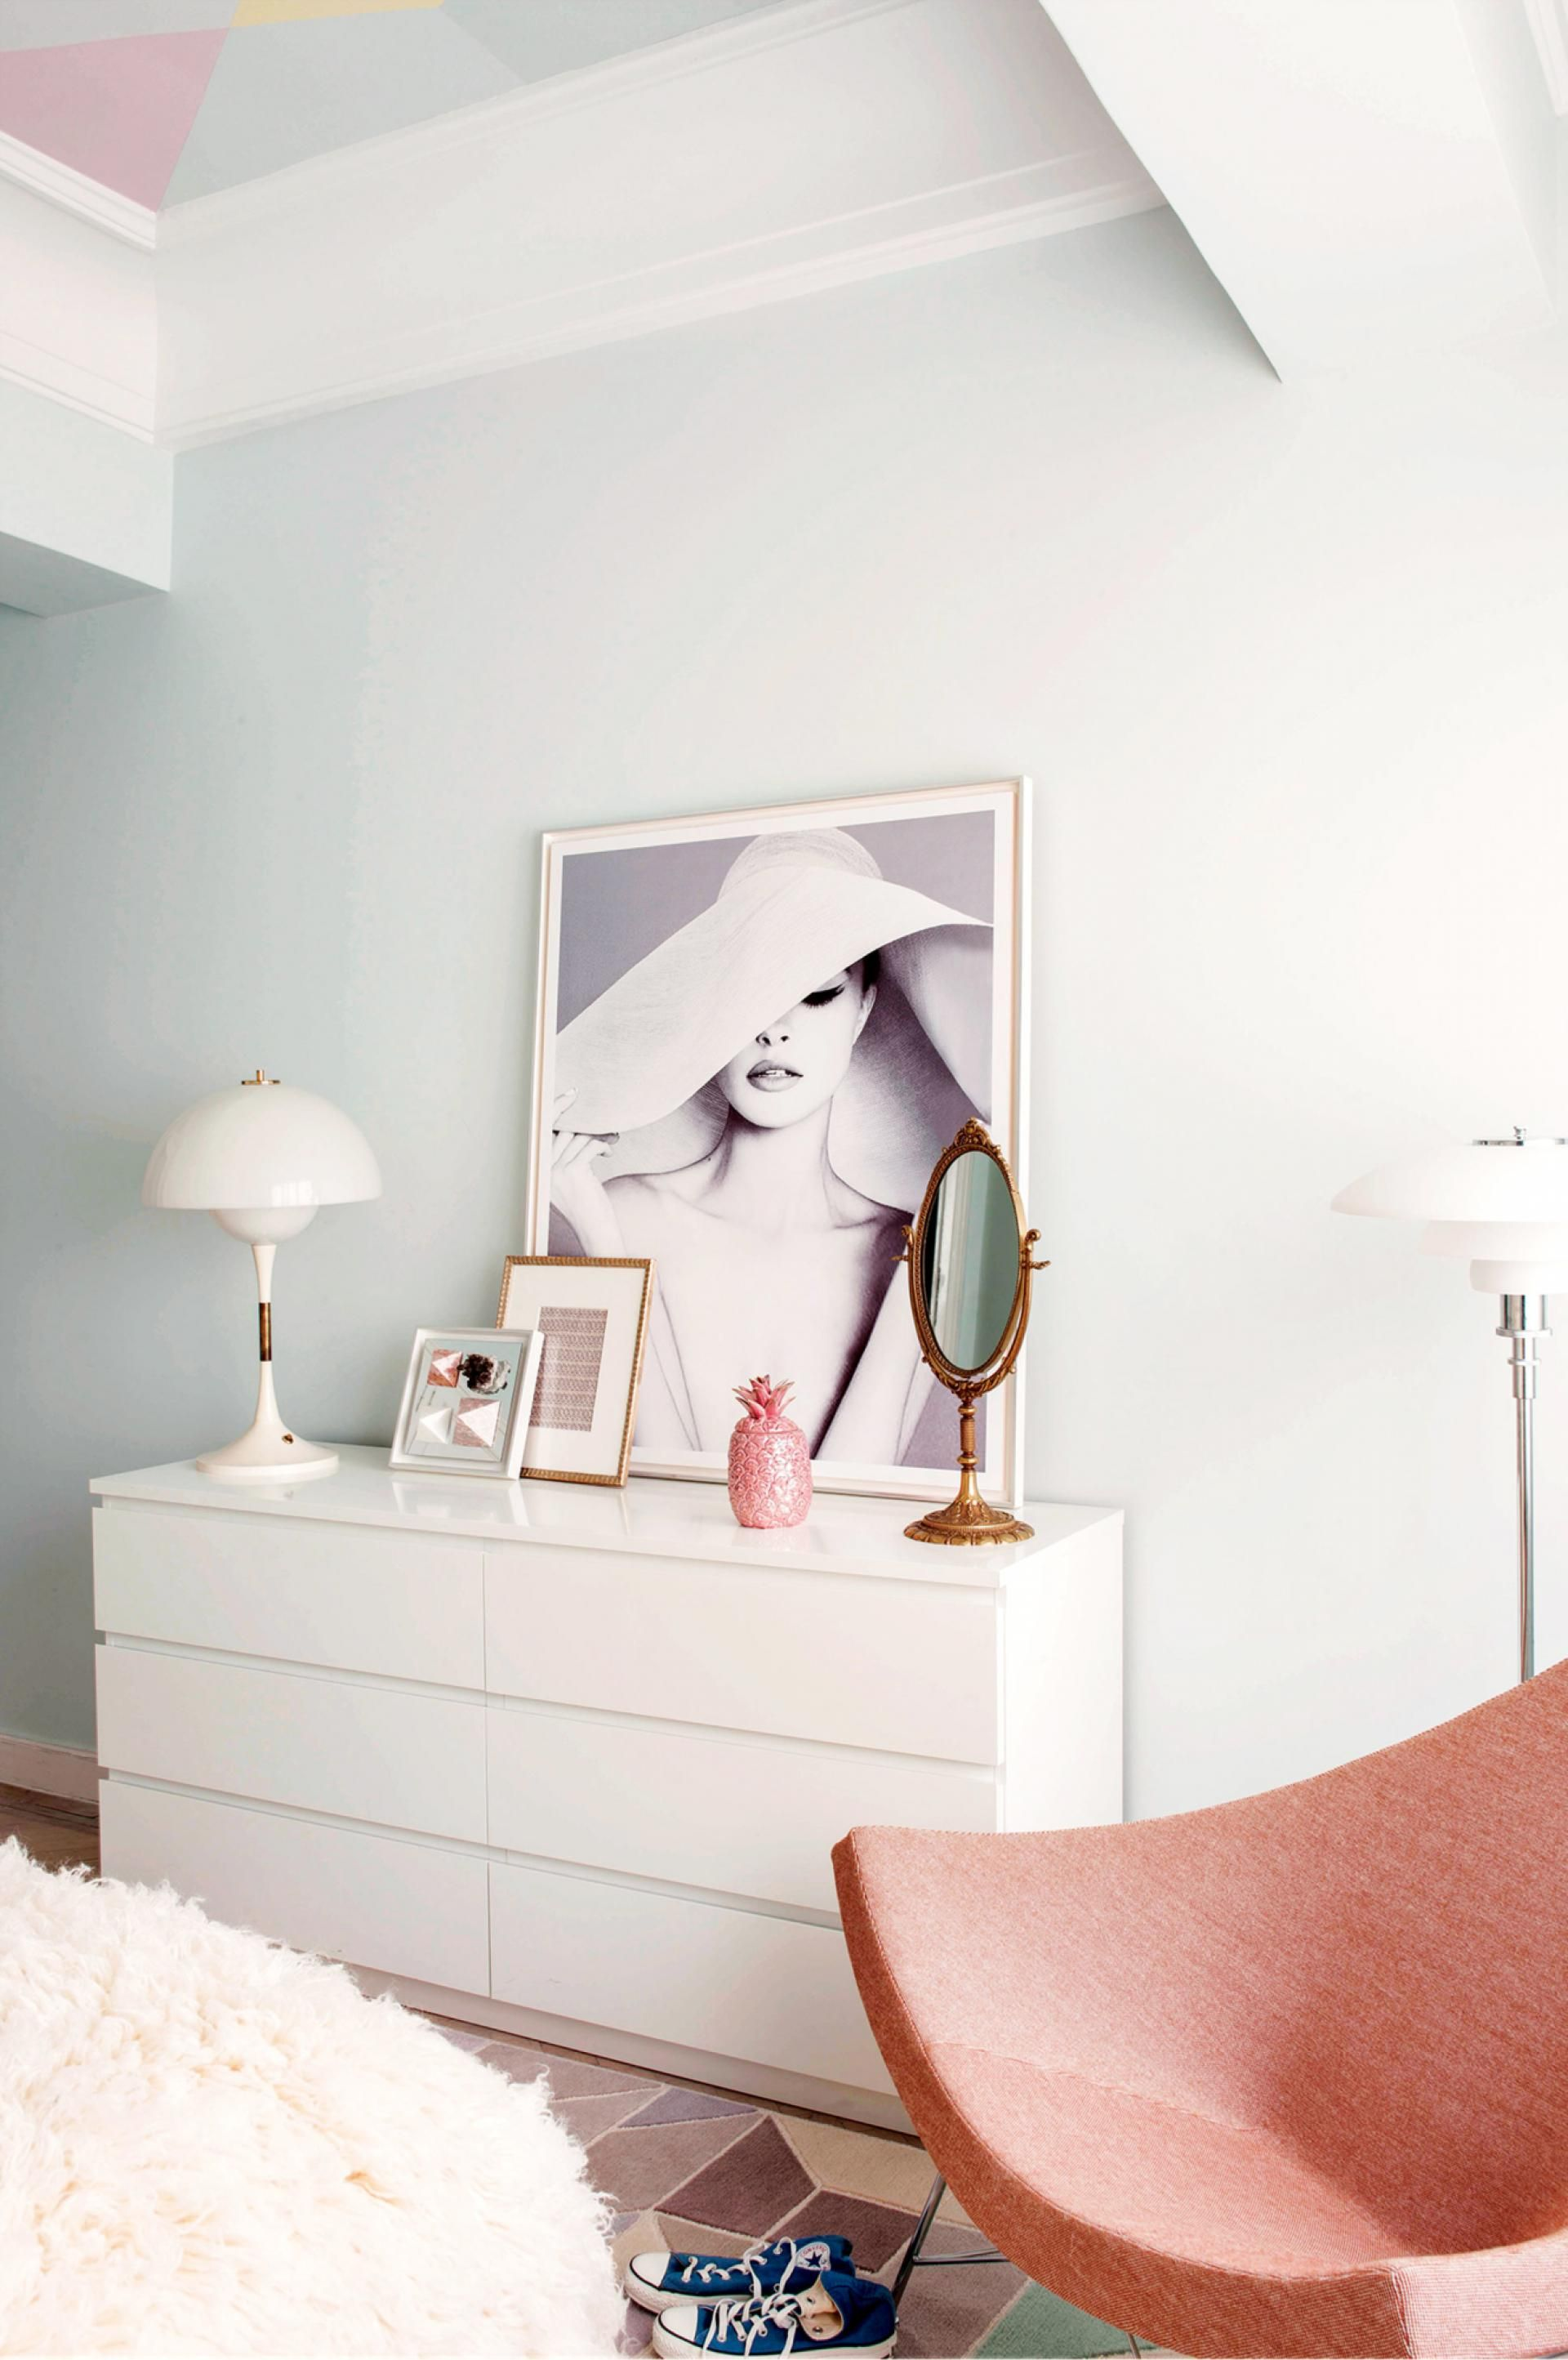 Ikea \'Malm\' dressers | Décorer, créer, célébrer. | Pinterest ...